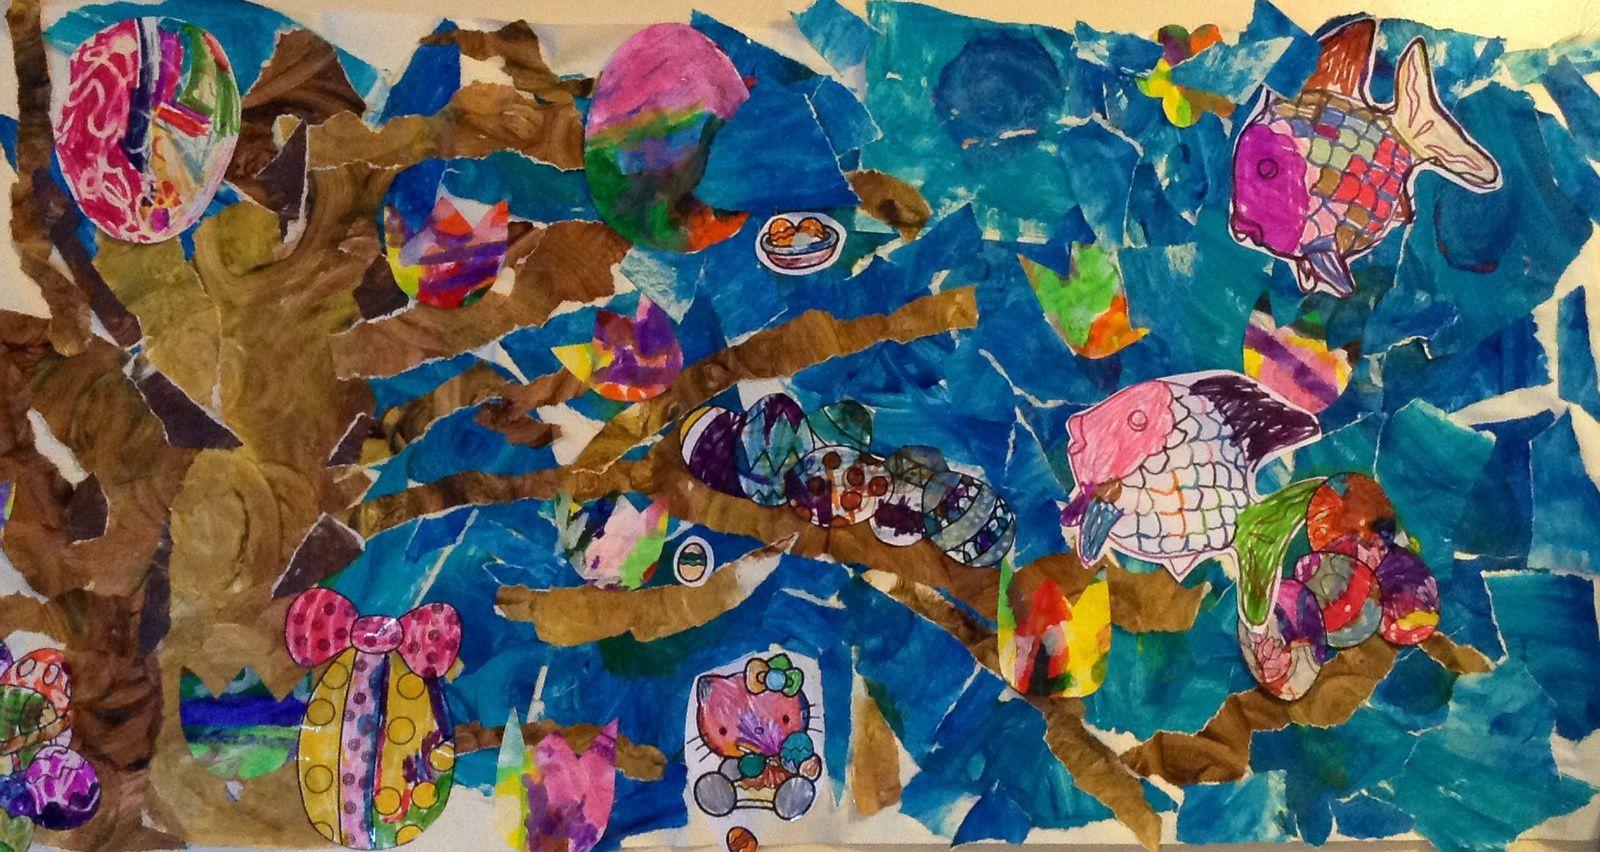 la chasse aux oeufs de Paques (collage, peinture et coloriage réalisé par des enfants de 3 et 4 ans)